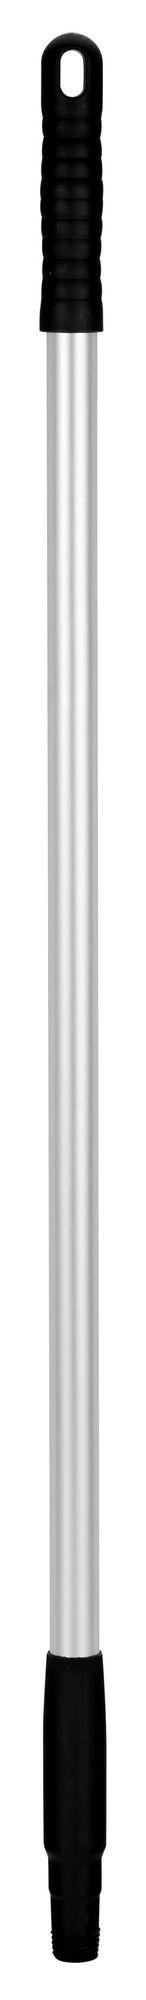 Vikan hygiëne steel 84cm zwart -   29319